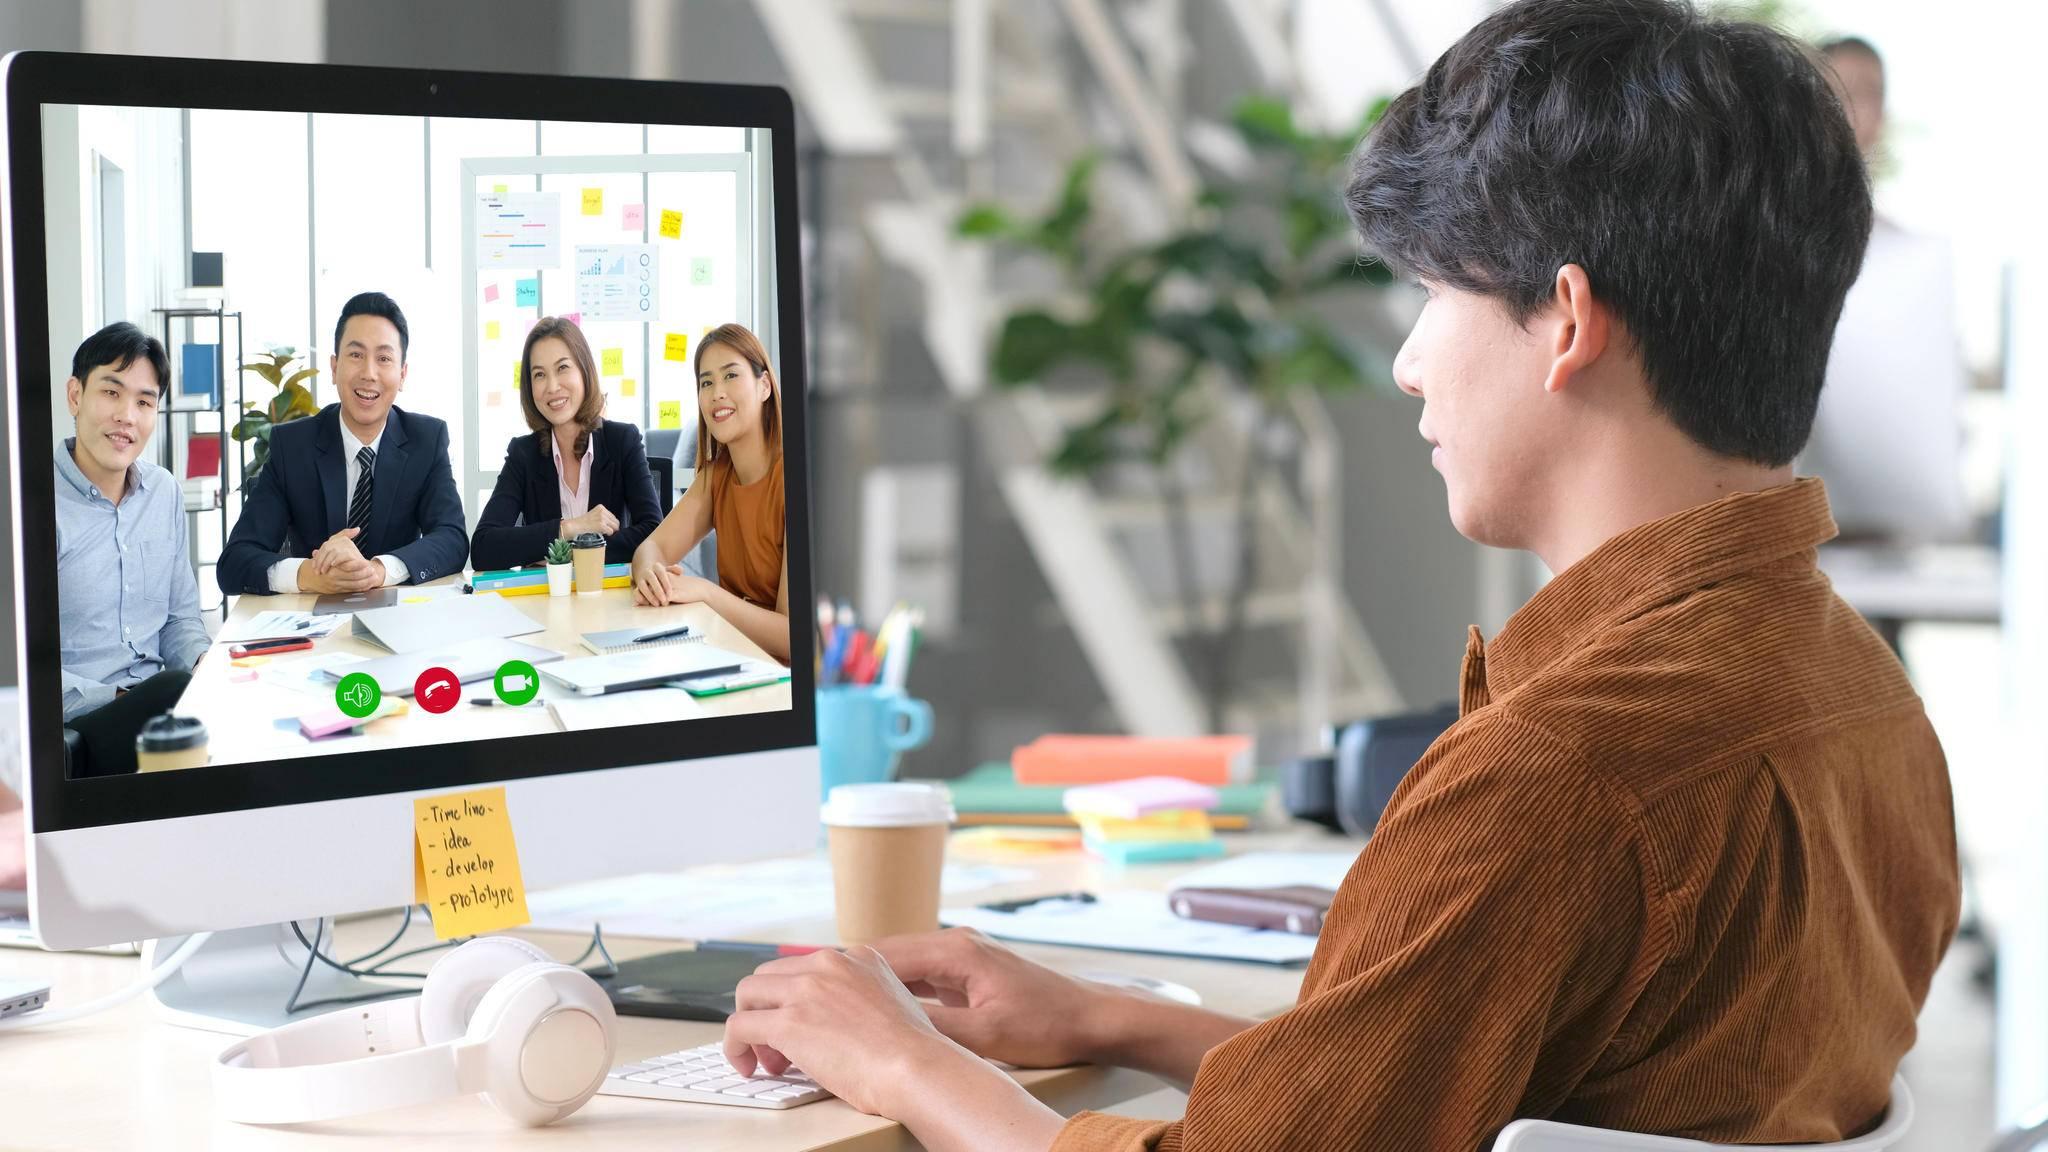 Für das Home-Office bietet sich ein Monitor mit integrierter Webcam an.